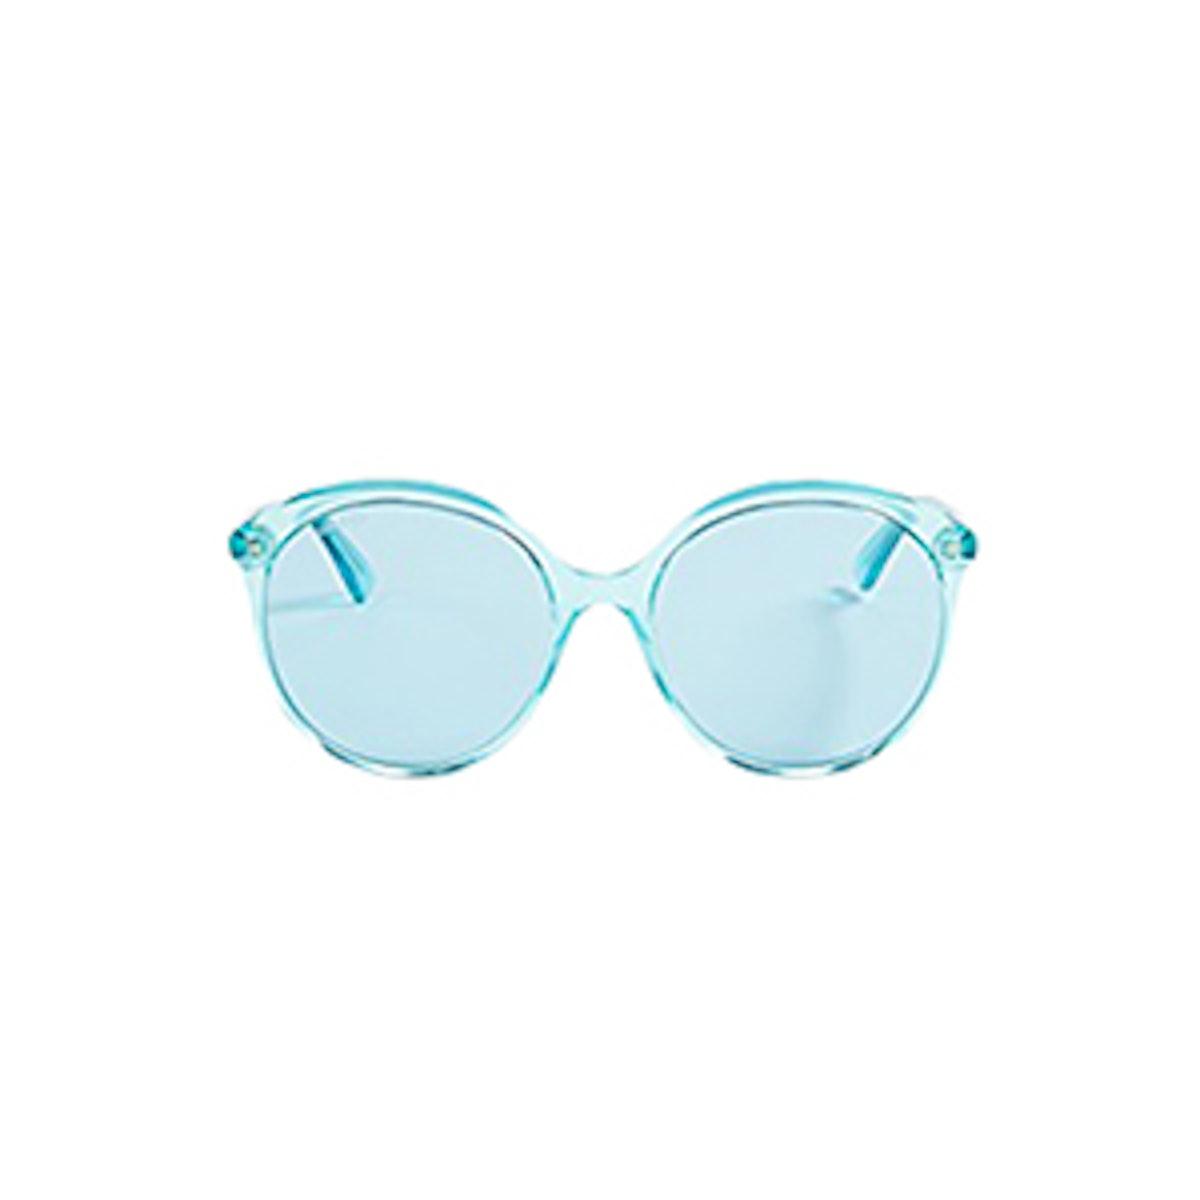 Gucci Round Monocolor Sunglasses